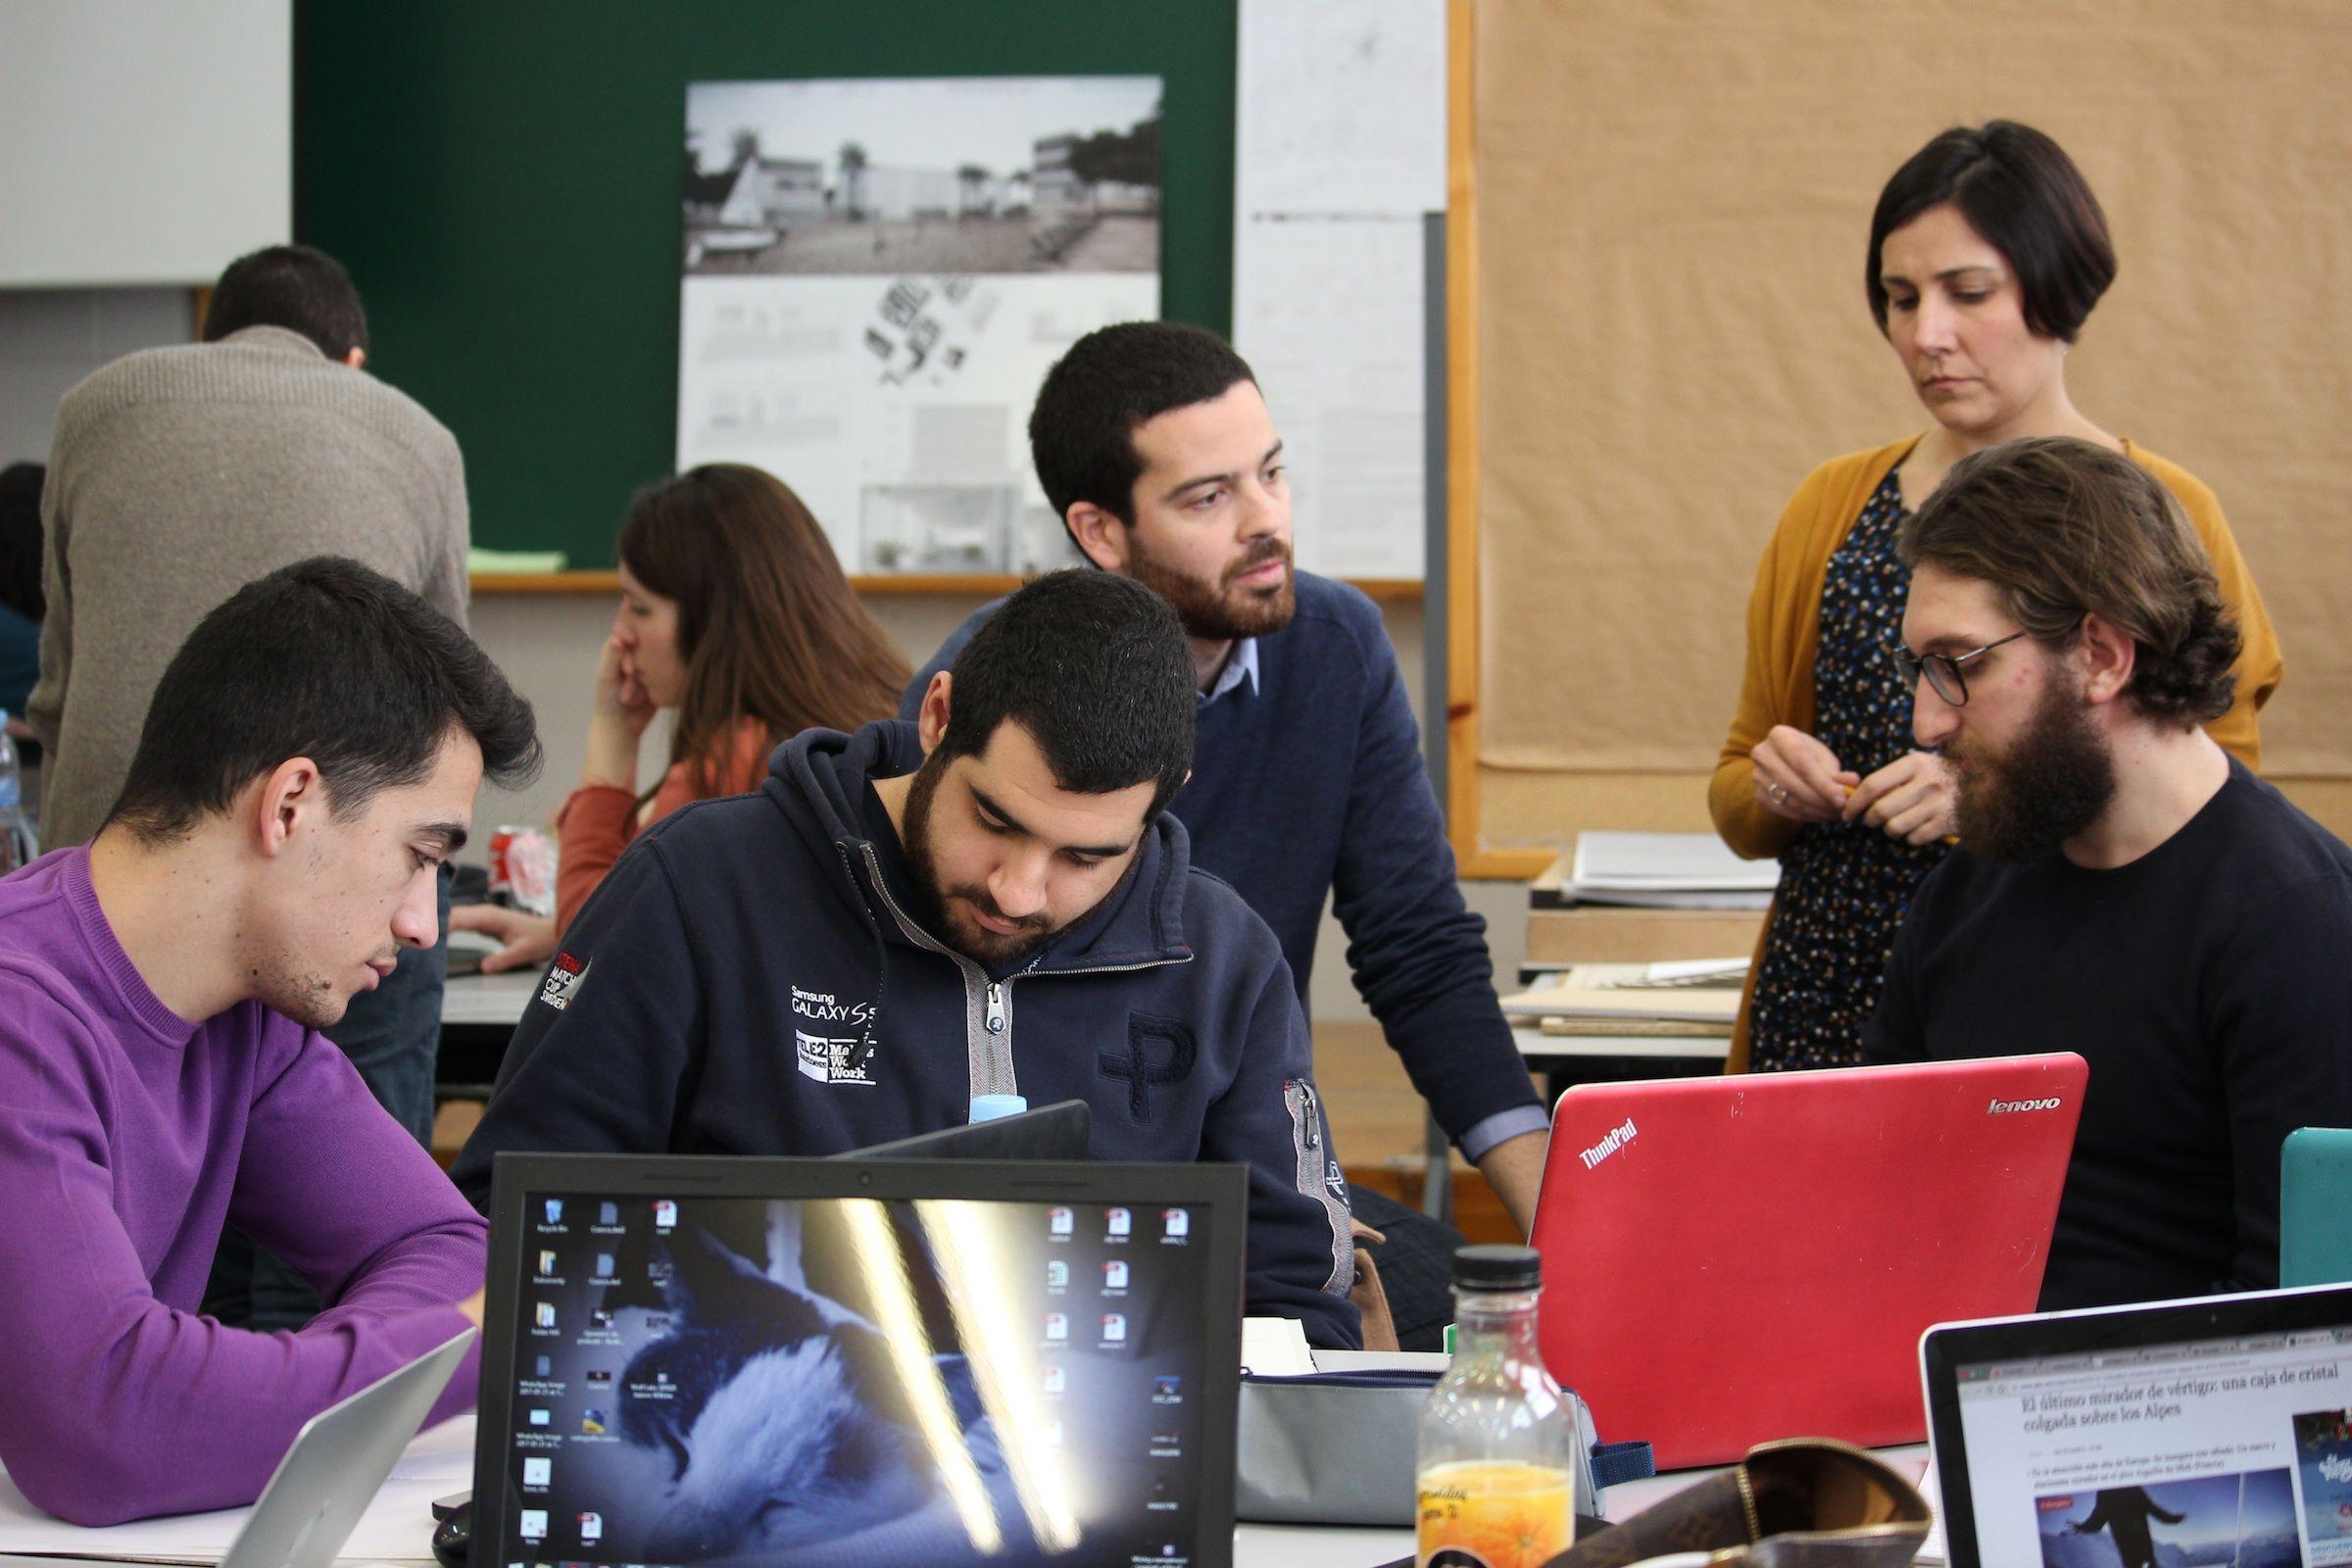 Los profesores de Arquitectura Lluis Juan, de la Rice School of Architecture de Houston, y Ana Ábalos, de la CEU-UCH, con estudiantes de ambas Universidades participantes en la International Week de Arquitectura.